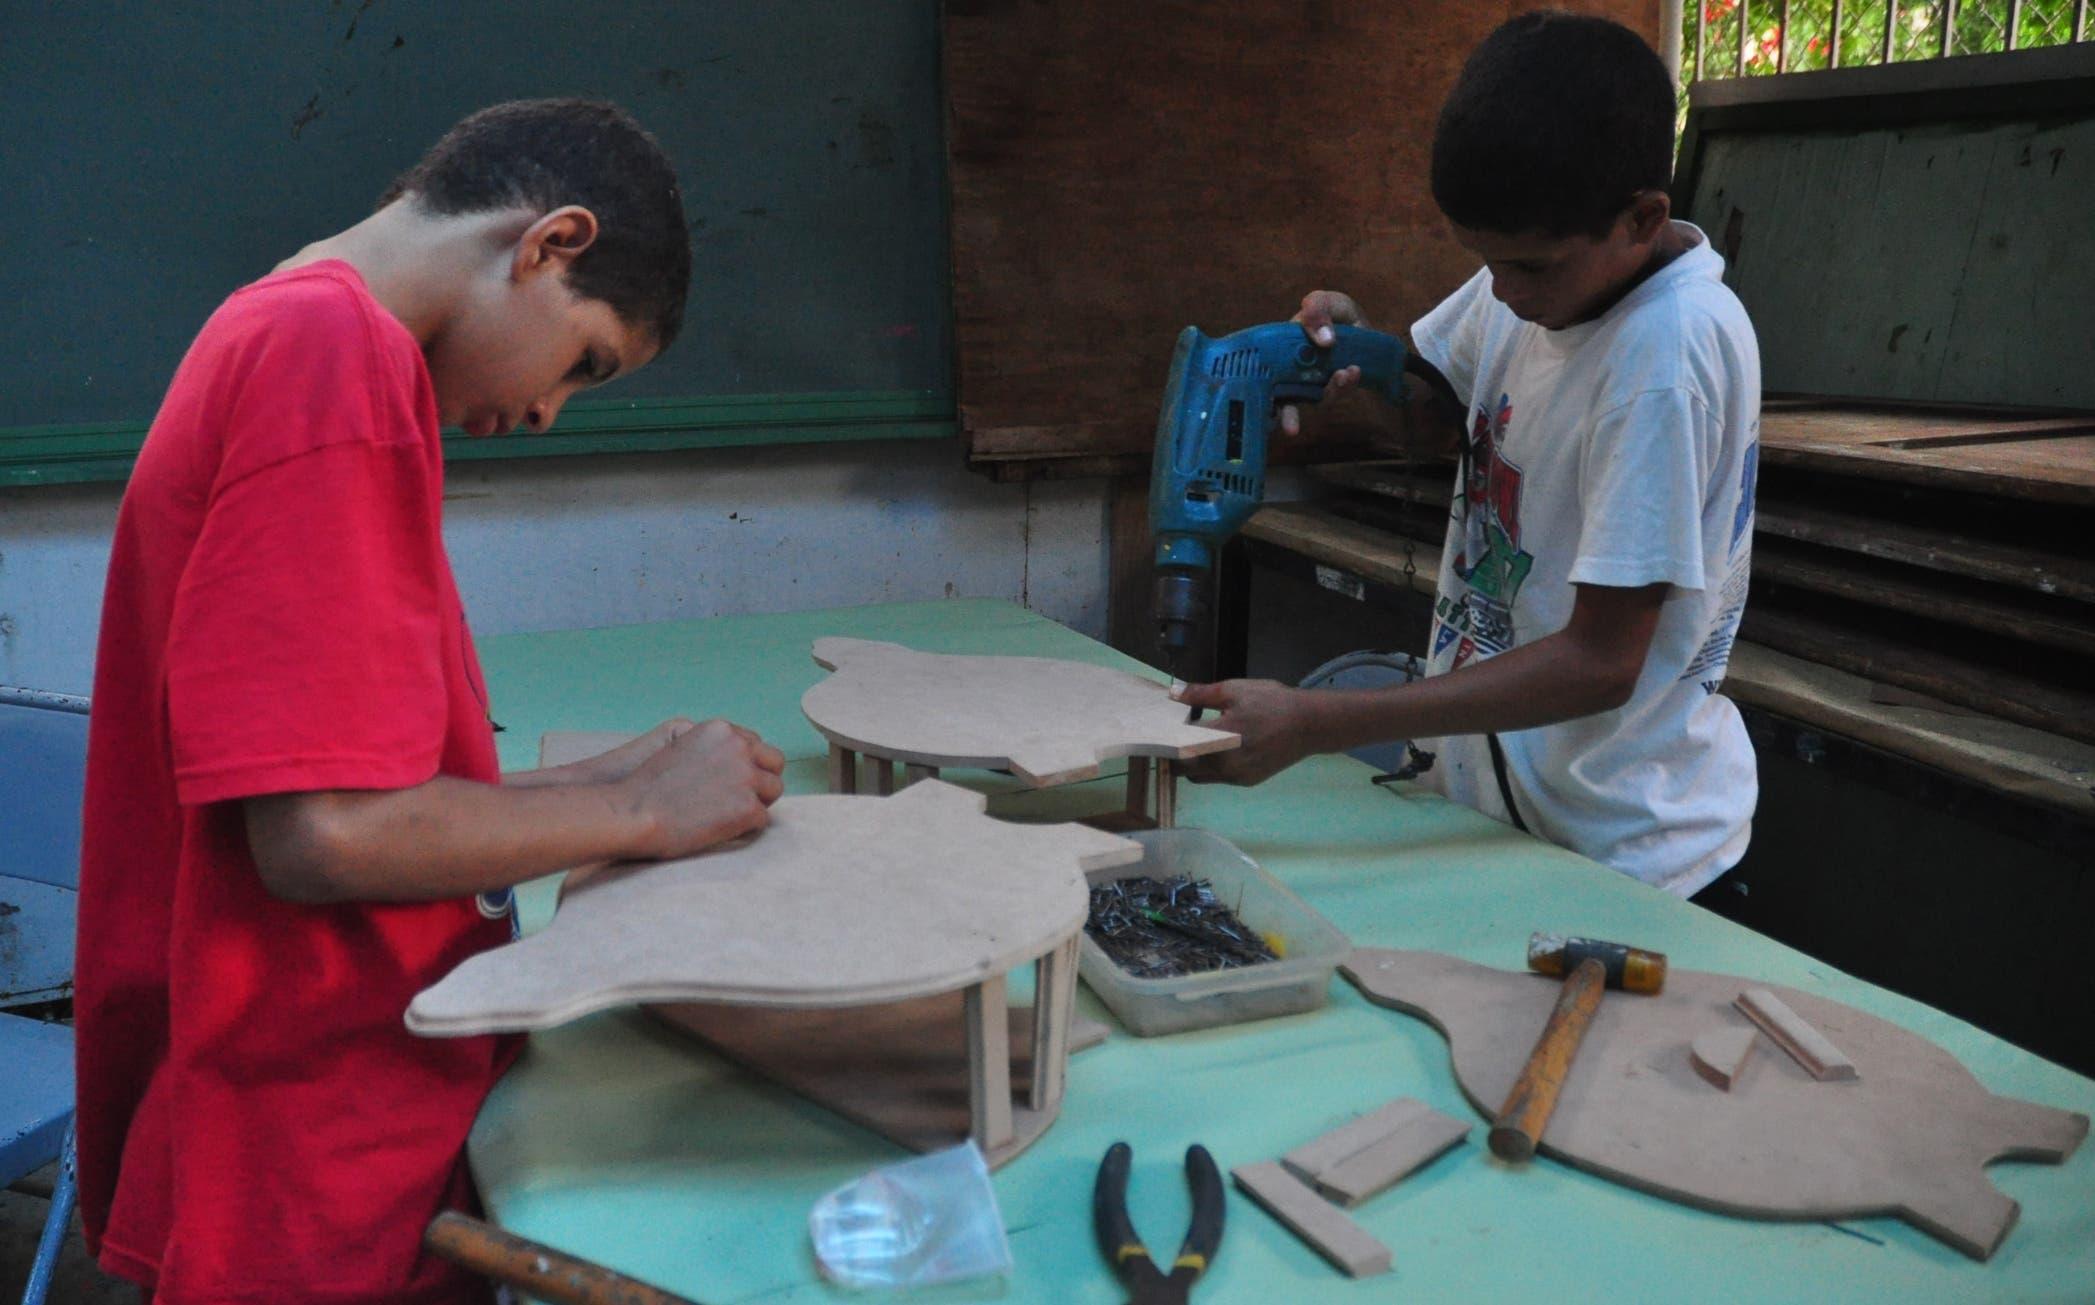 Muchachos y Muchachas con Don Bosco surgió en 1985 y desde entonces  ha contribuido a insertar a los menores en  tareas sanas y productoras.  ARCHIVO